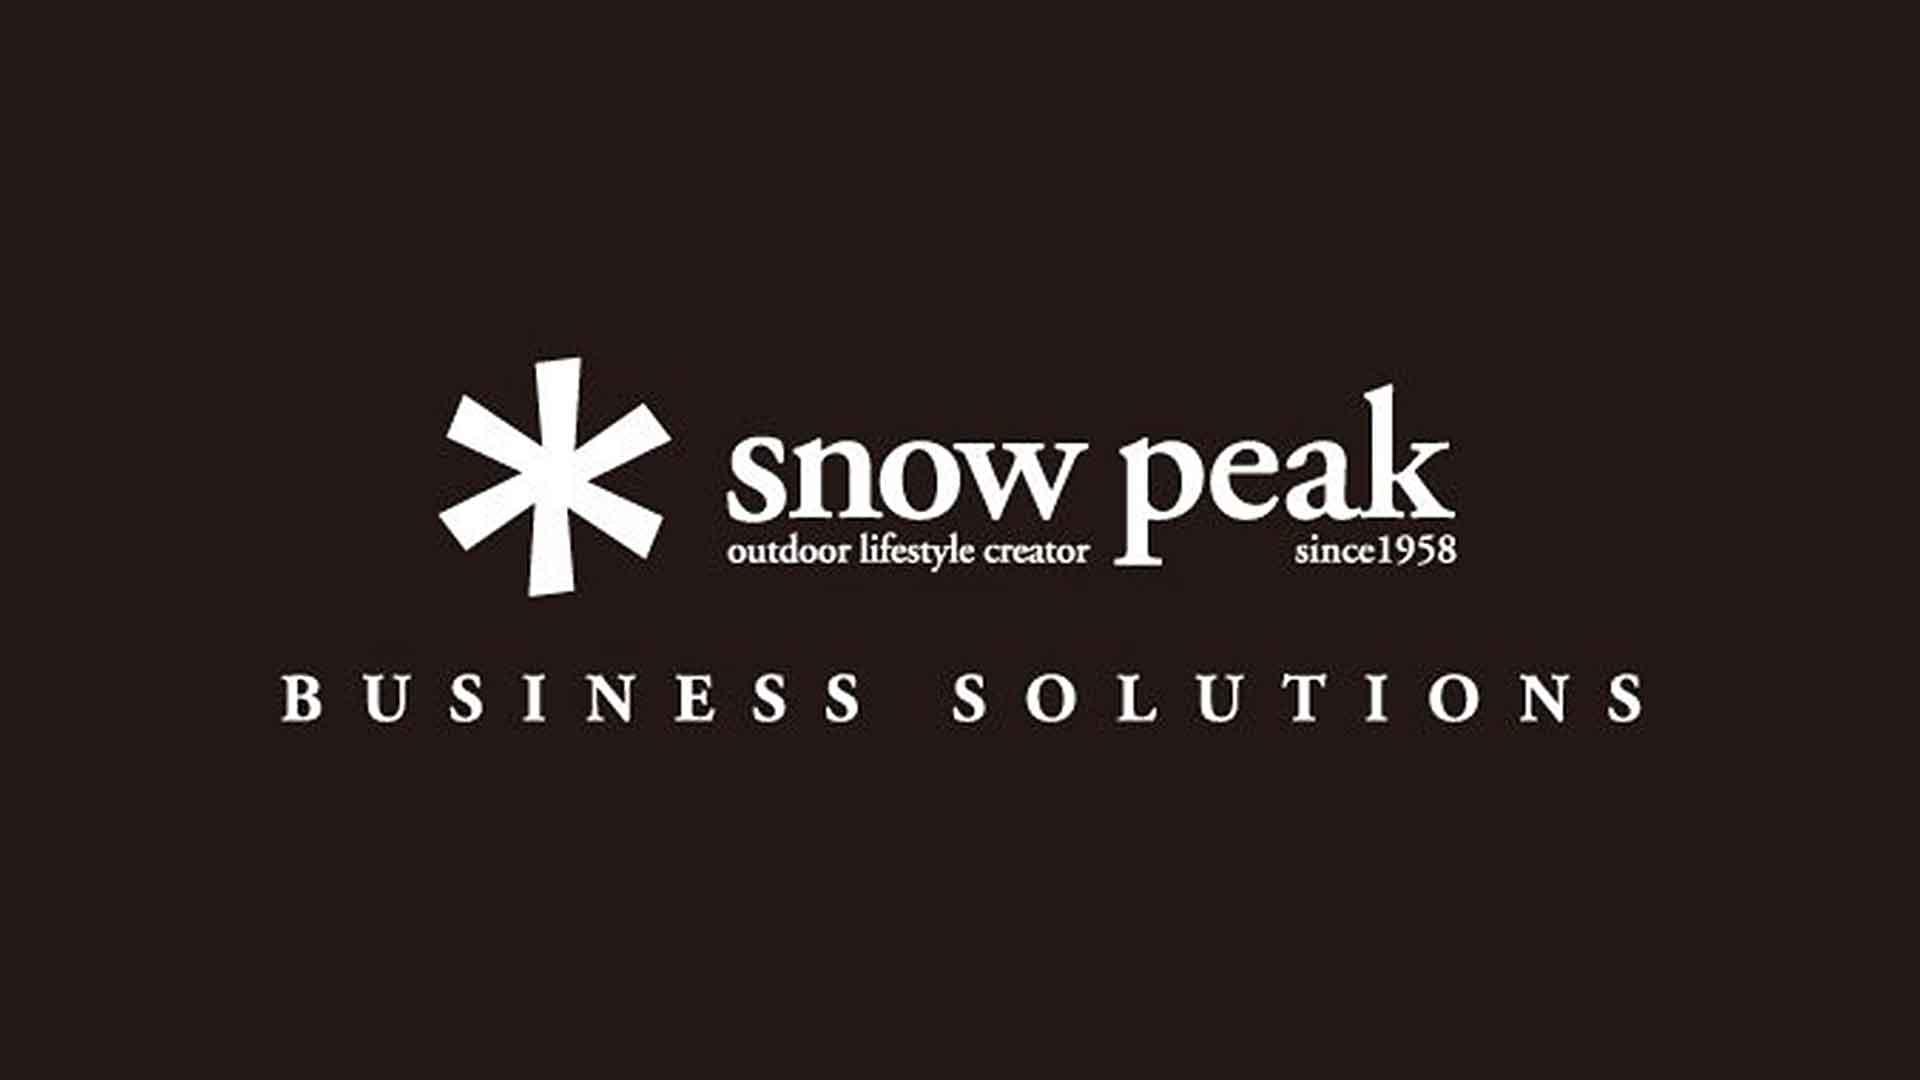 マイサカ家具のスノーピークのロゴの画像